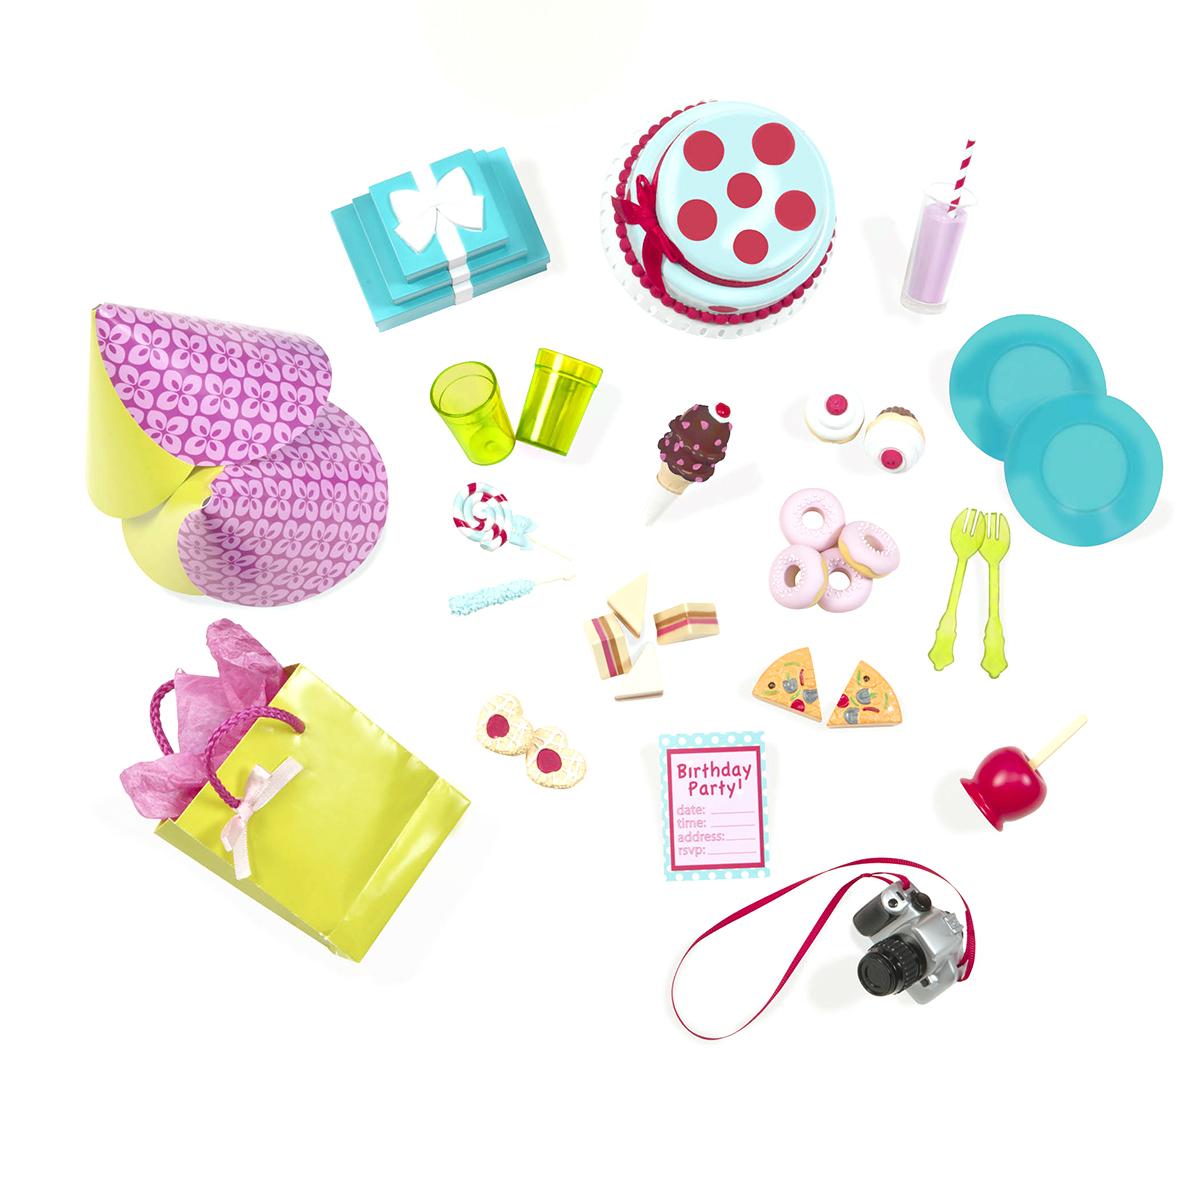 Our Generation Игровой набор для чаепития11559Игровой набор для чаепития Our Generation включает в себя: торт, поднос, 2 колпака, подарочный пакет, подарки в упаковке, пригласительный на день рождения, игрушечный фотоаппарат, 4 сэндвича, 2 куска пиццы, 2 вишневых пирожных, 4 пончика, 2 печенья в форме сердечек, мороженное рожок, леденец, конфета на палочке, яблоко в карамели, 2 тарелки, 2 чашки, 2 вилки, коктейль с соломкой, каталог модной одежды. Все элементы выполнены из прочного и полностью безопасного для ребенка материала. Время вечеринки! Все самое необходимое для празднования дня рождения. Ваша малышка сможет оформить сладкий стол по своему усмотрению, а также поухаживать за куклами, наливая им чай и раскладывая пирожные.